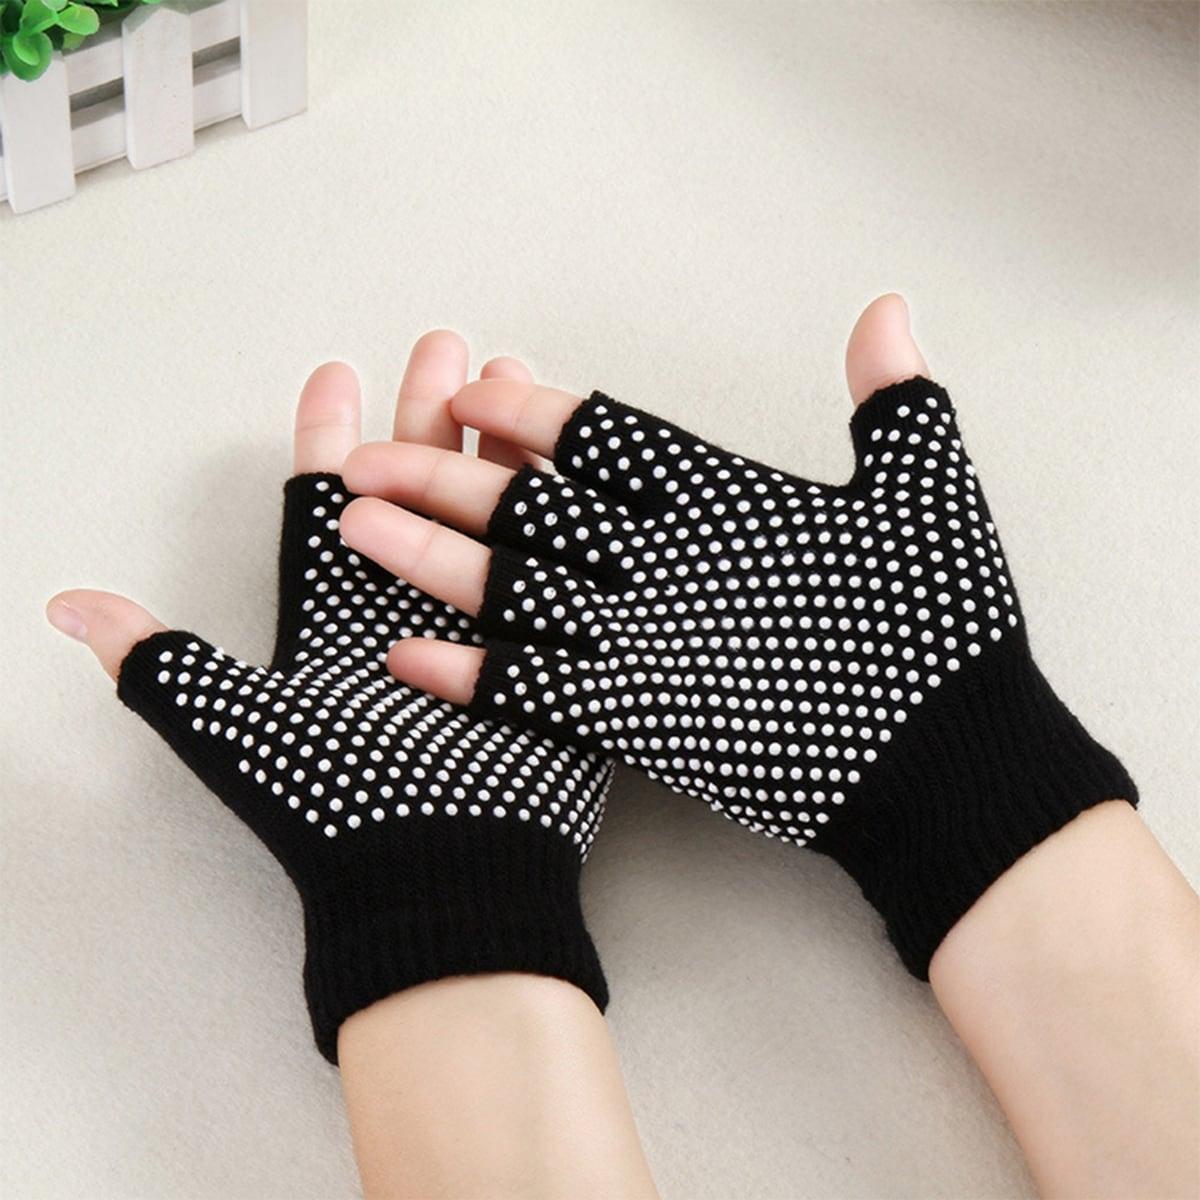 1 paar yoga-handschoenen met polkadotpatroon